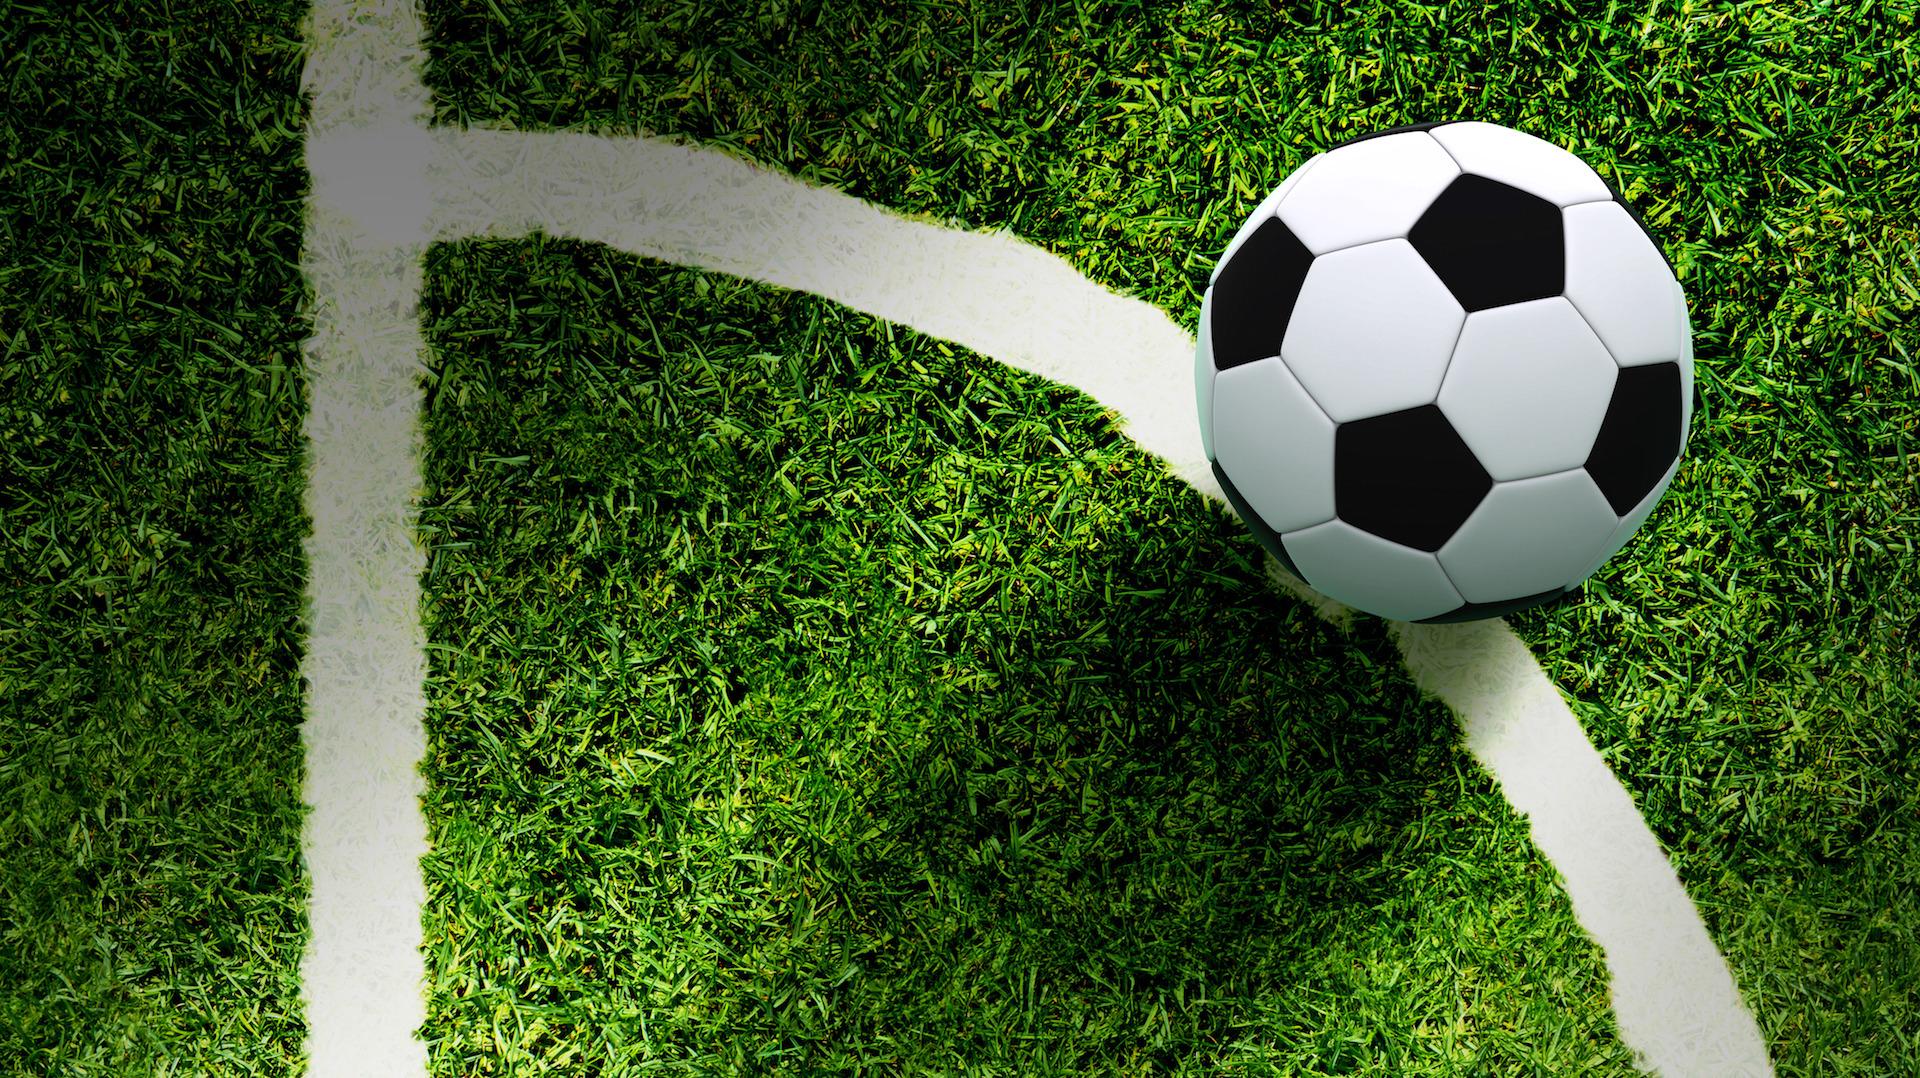 El éxito de las canchas de fútbol 5 y 7 en Rosario   estrategias para  conseguir disponibilidad fe604af503e41